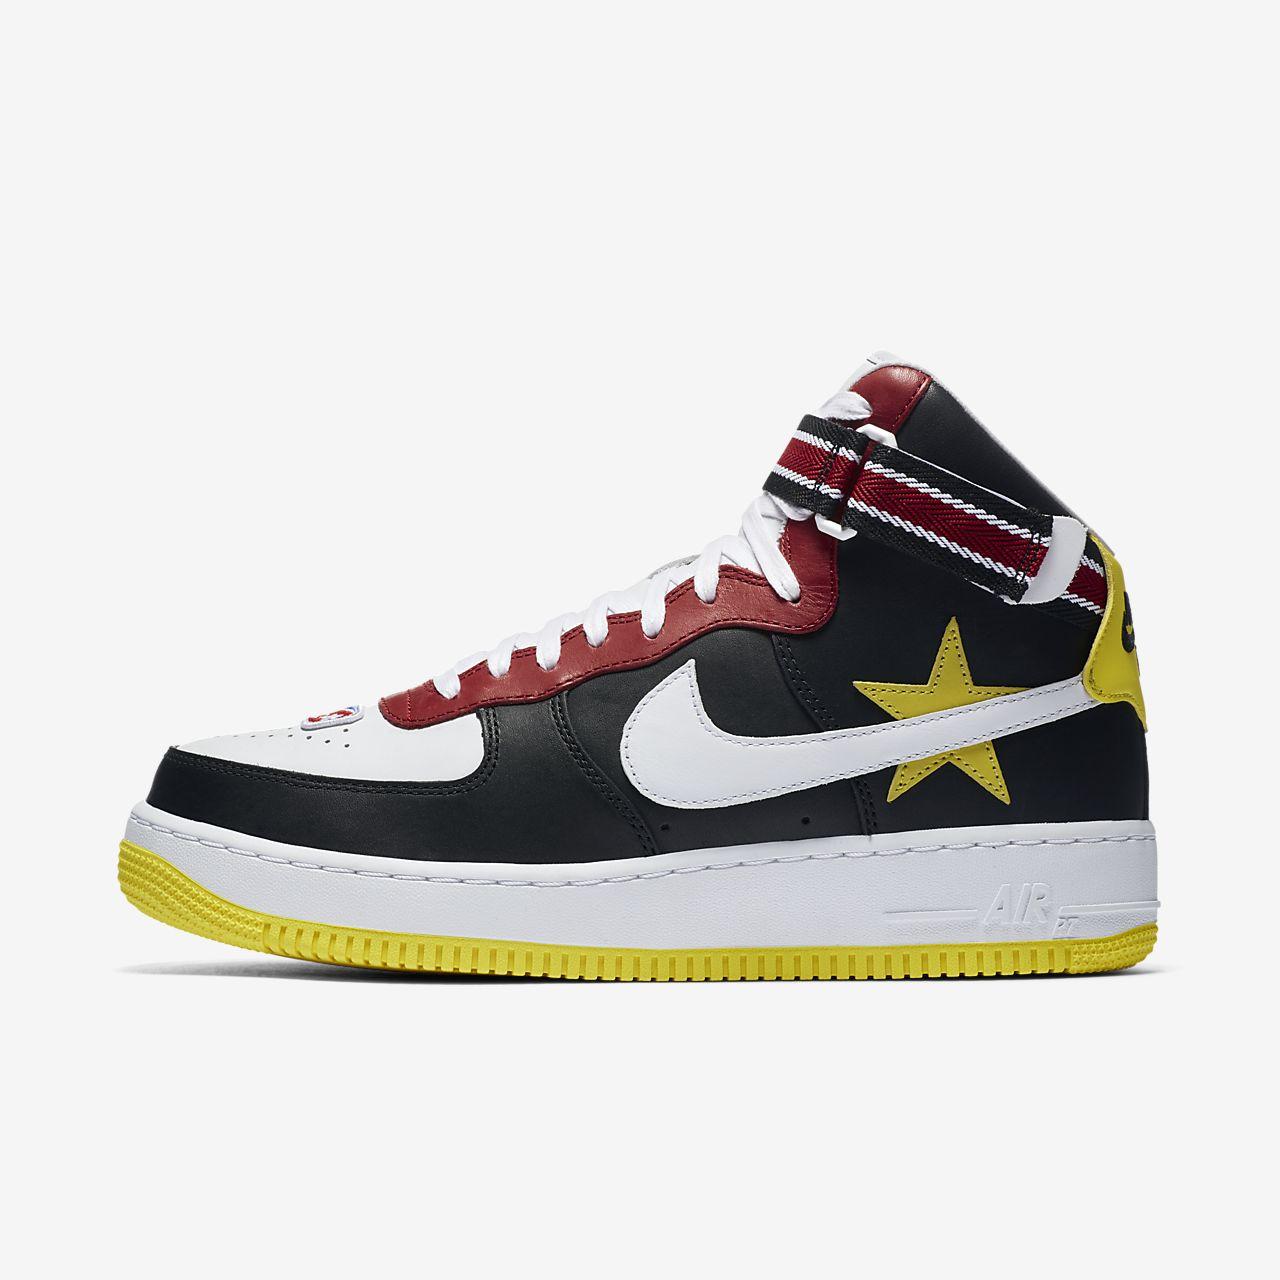 ... NikeLab Air Force 1 High x RT Men's Shoe